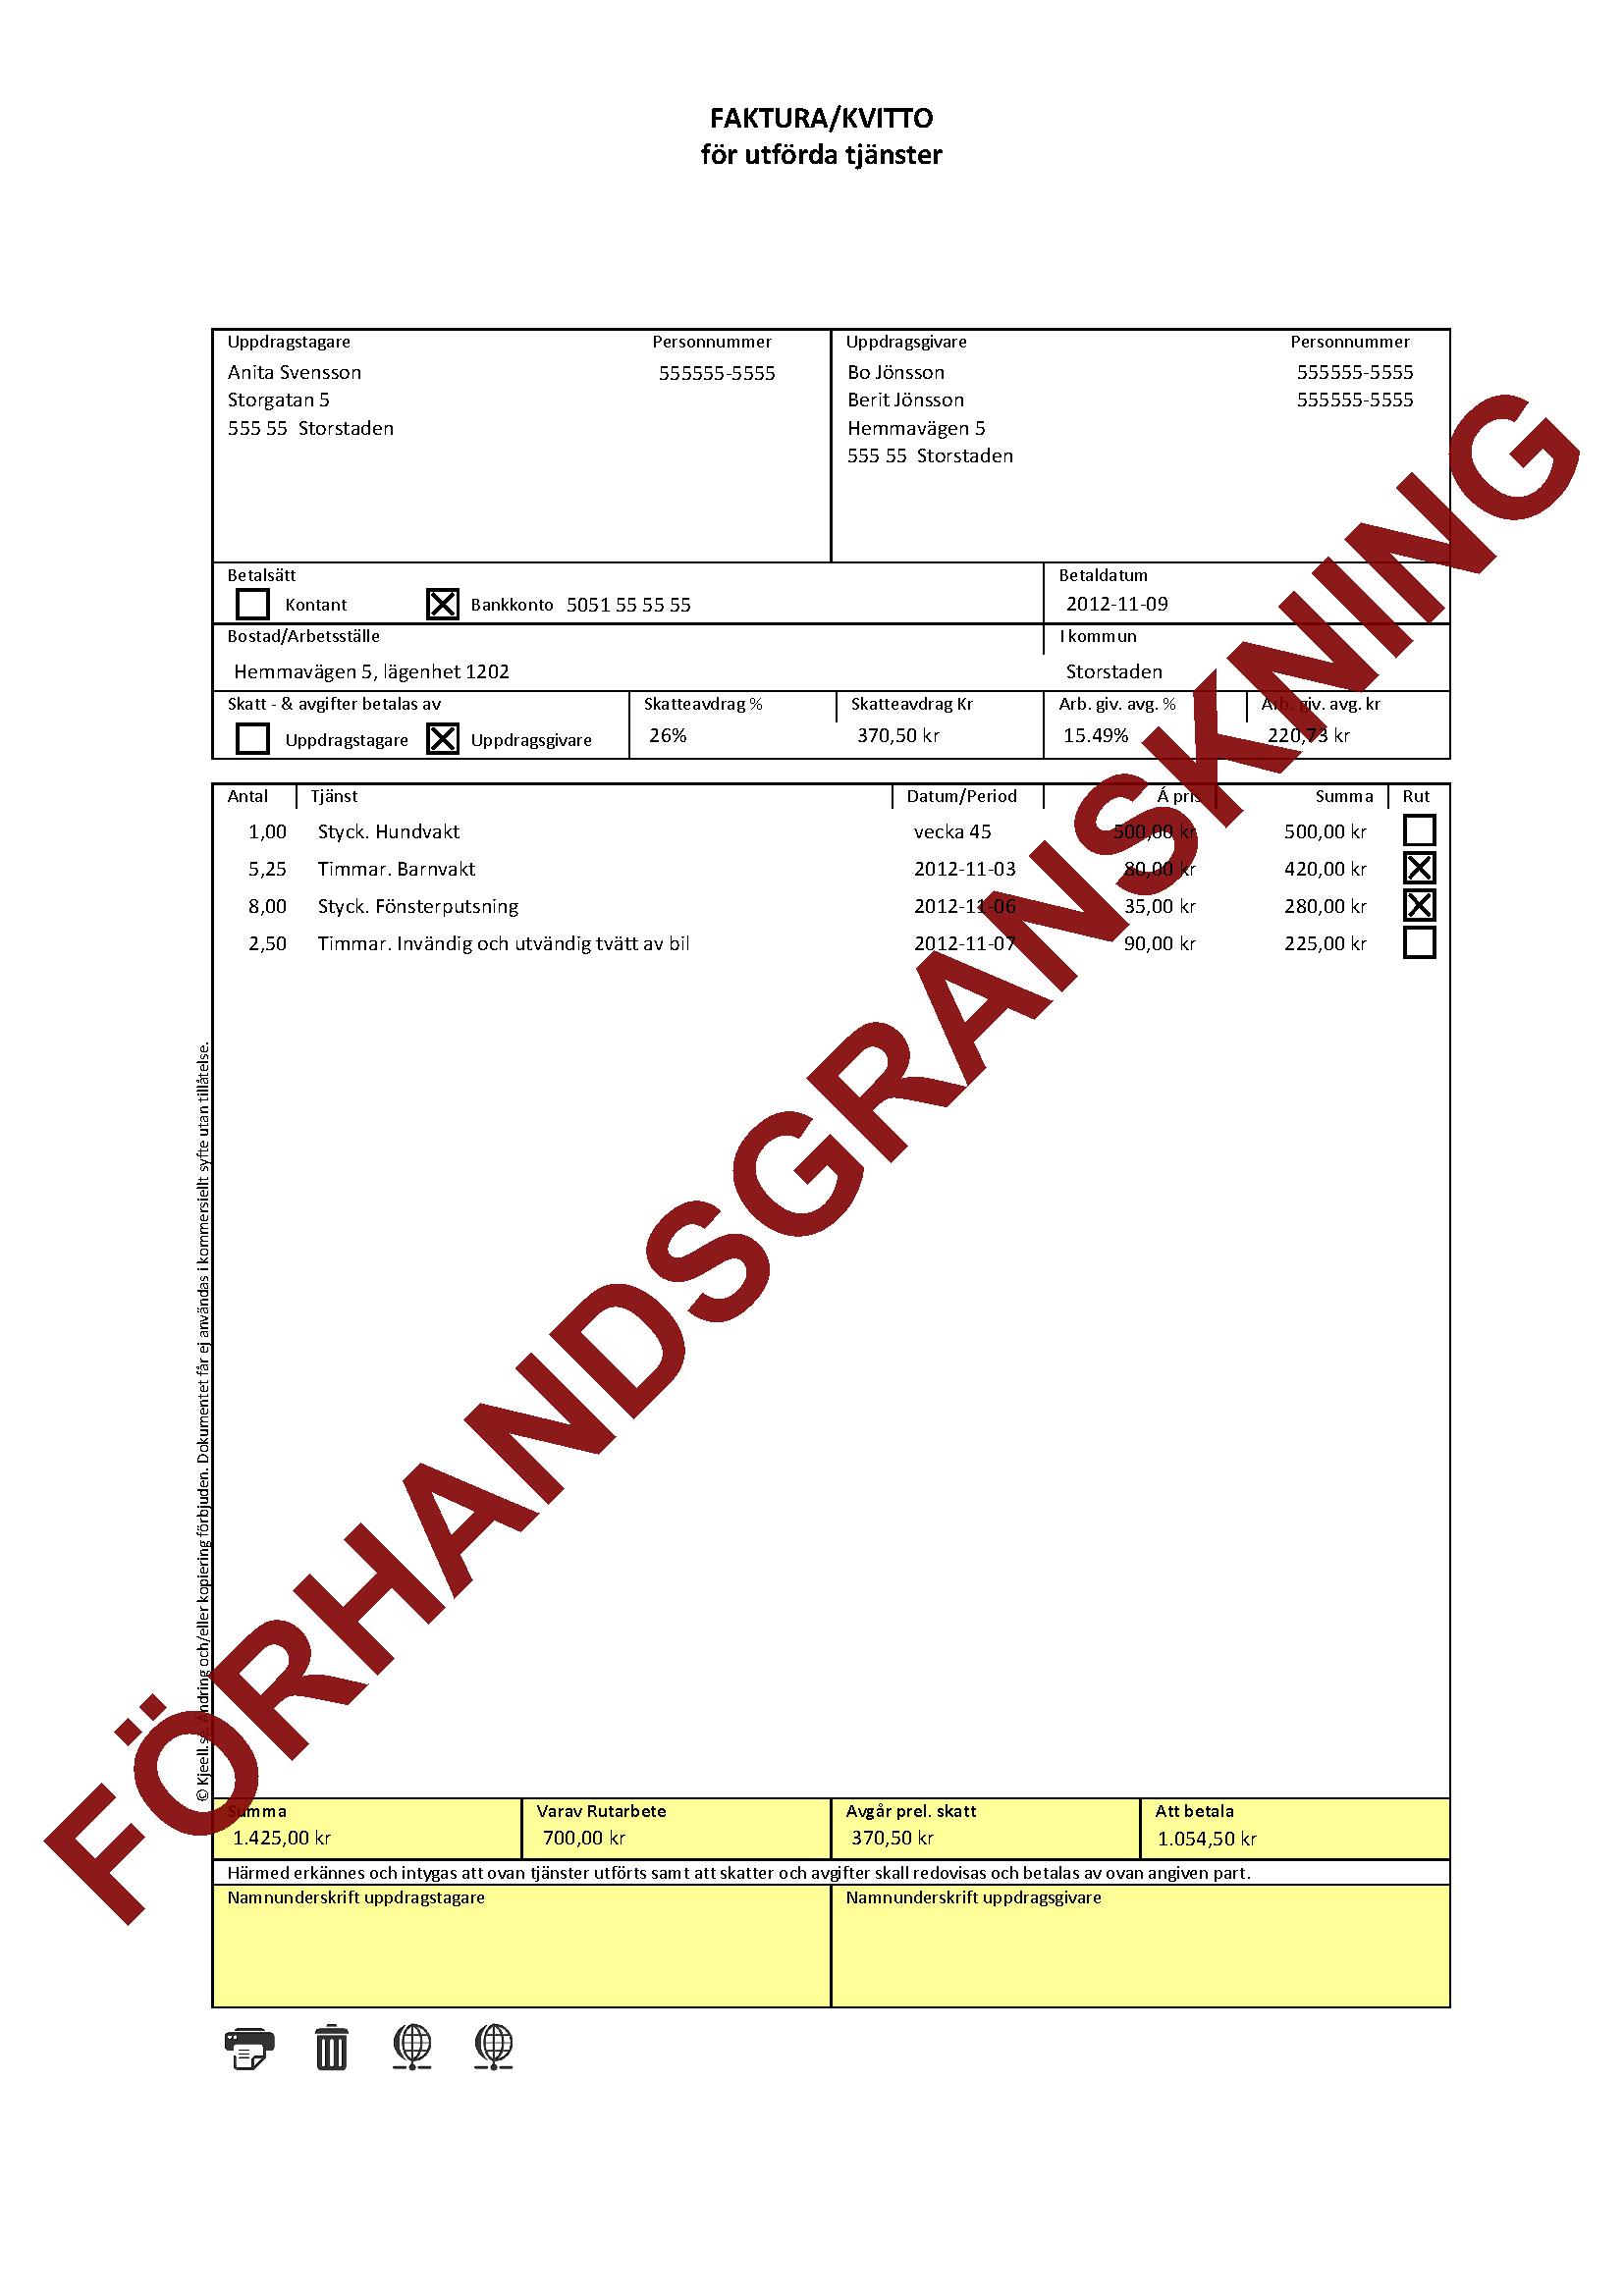 Faktura/Kvitto för hushållsnära tjänster